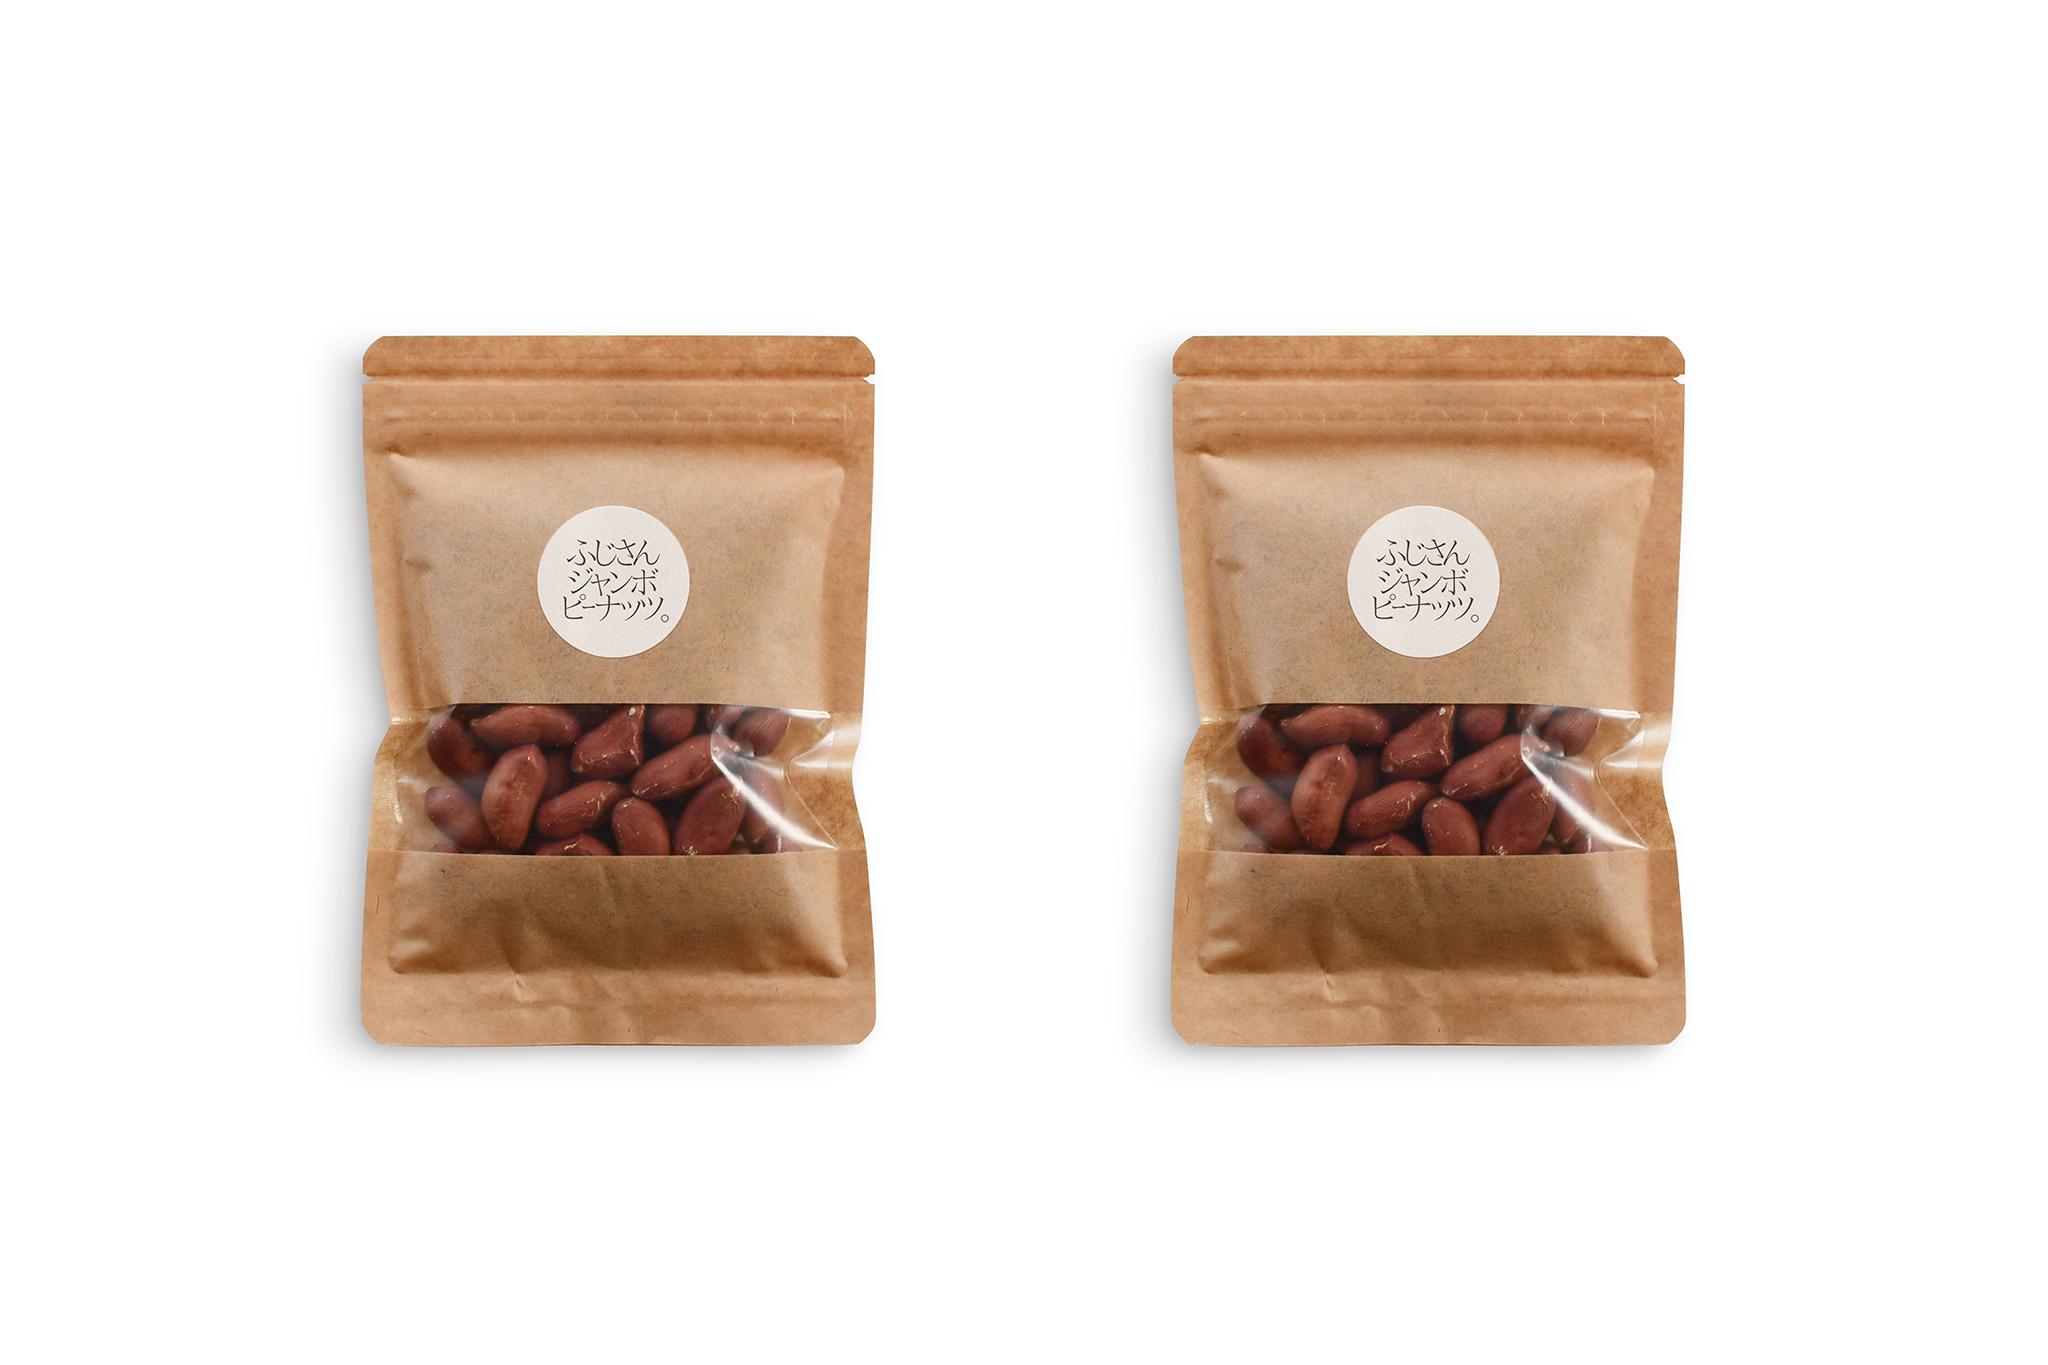 ふじさんジャンボピーナッツ「60g×2袋」